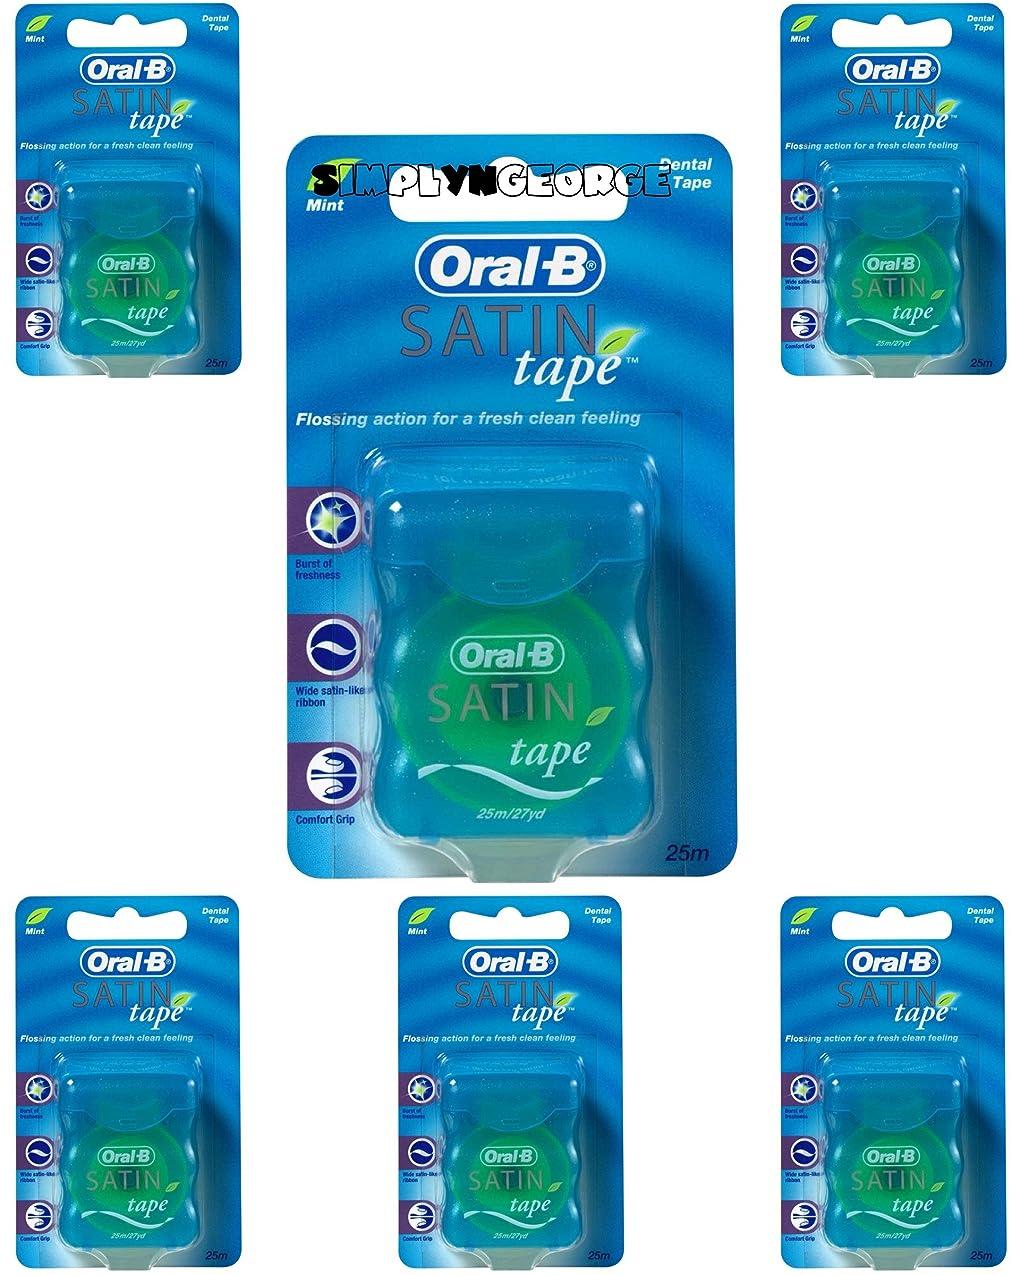 やる休暇不名誉Oral-B Statin Tape Dental Floss 25m (6 Units) by Oral-B Satin Tape Mint